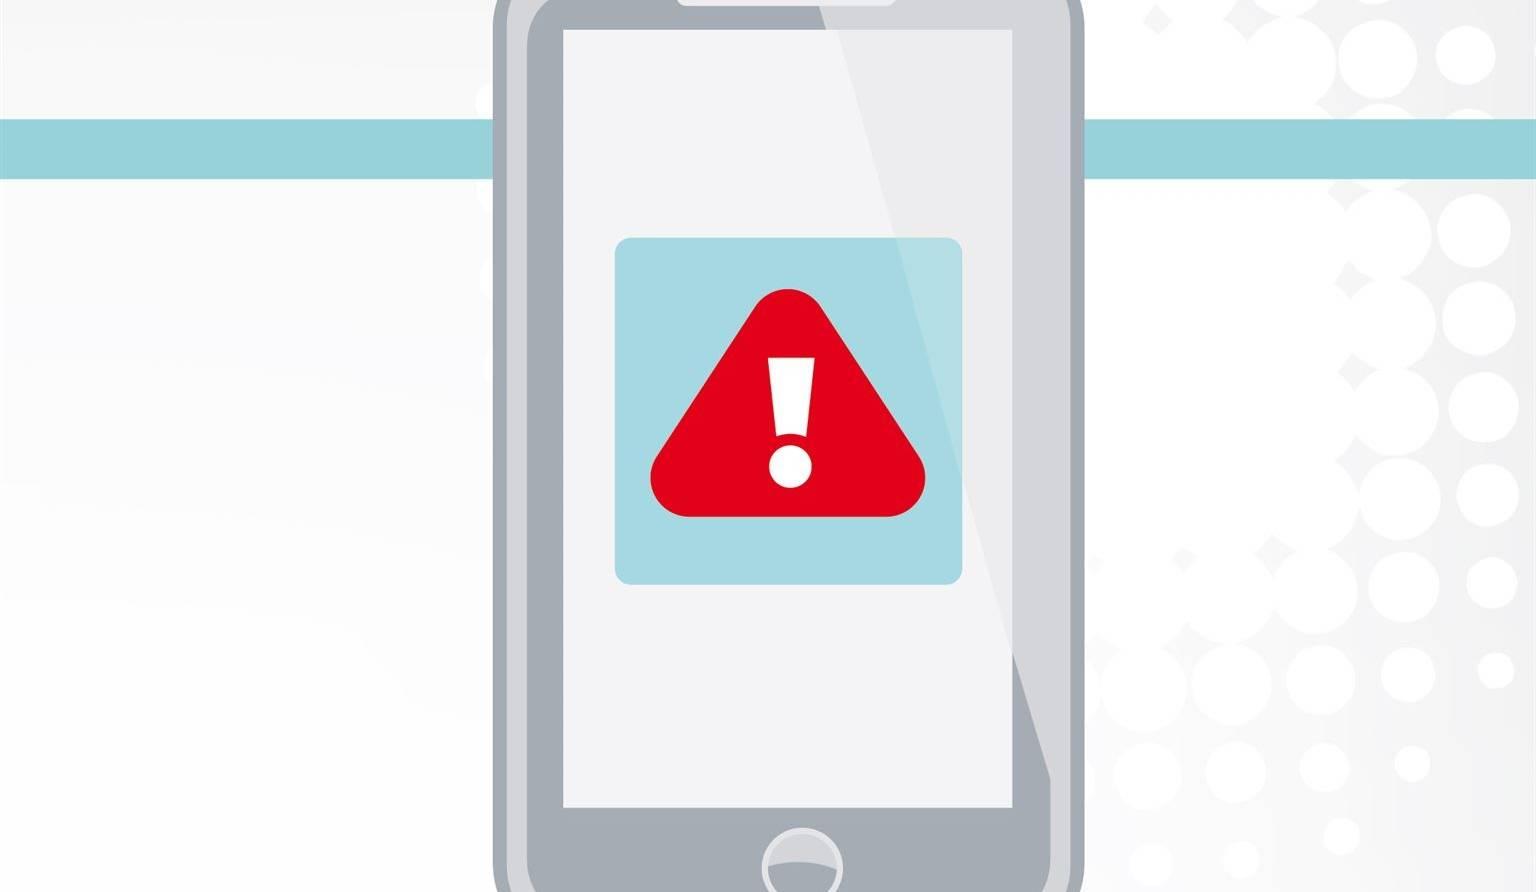 Test - Applications de securite pour telephone intelligent - 8 conseils pour proteger votre telephone intelligent